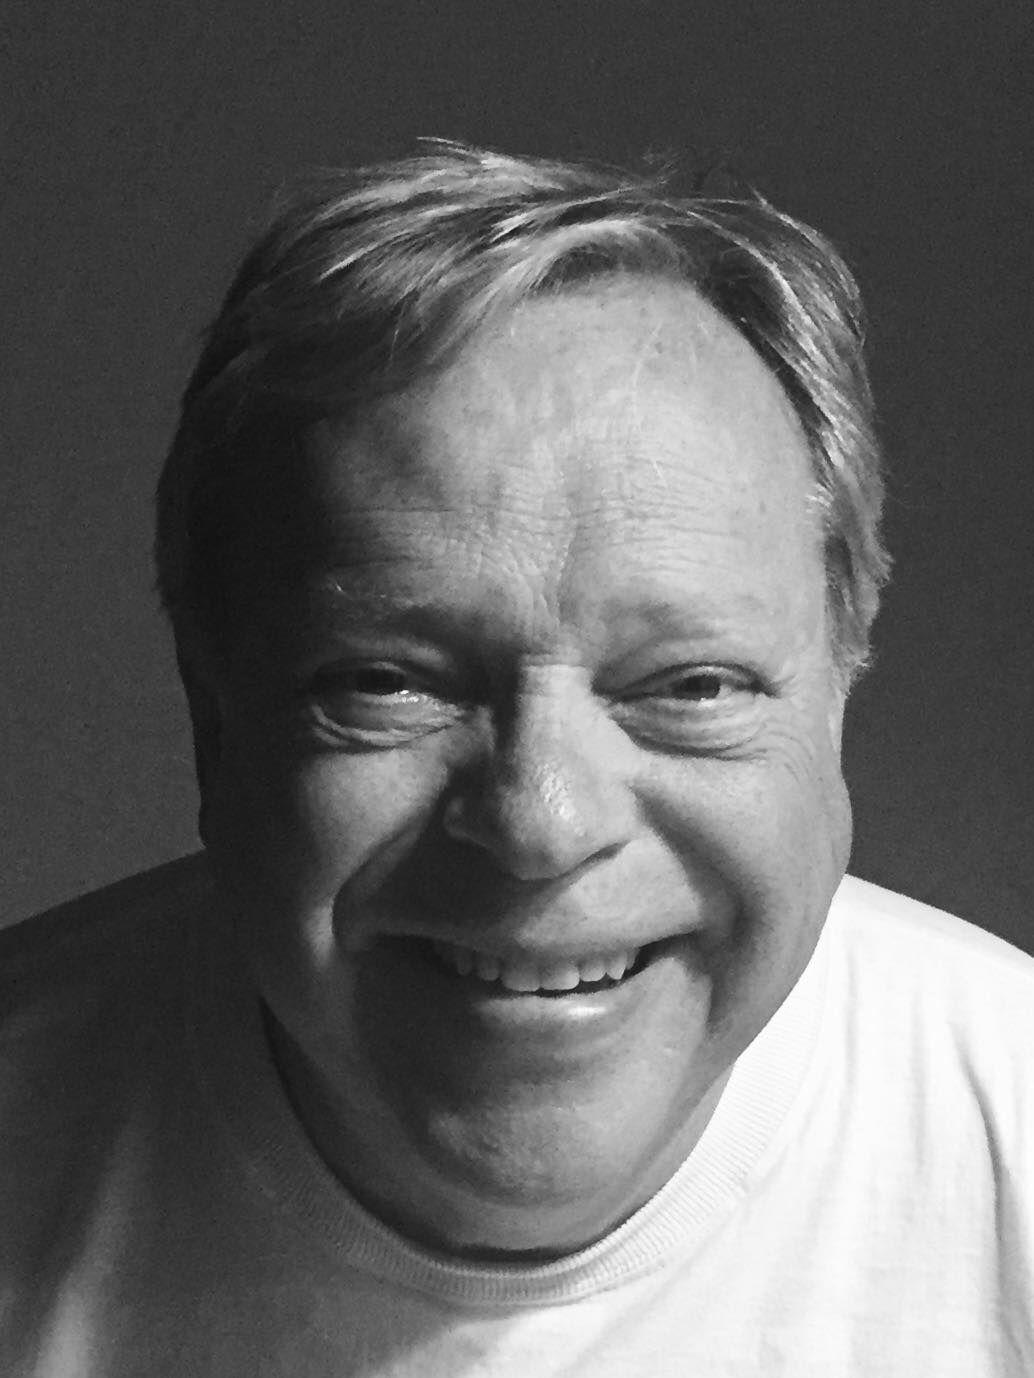 Larry Feuerborn